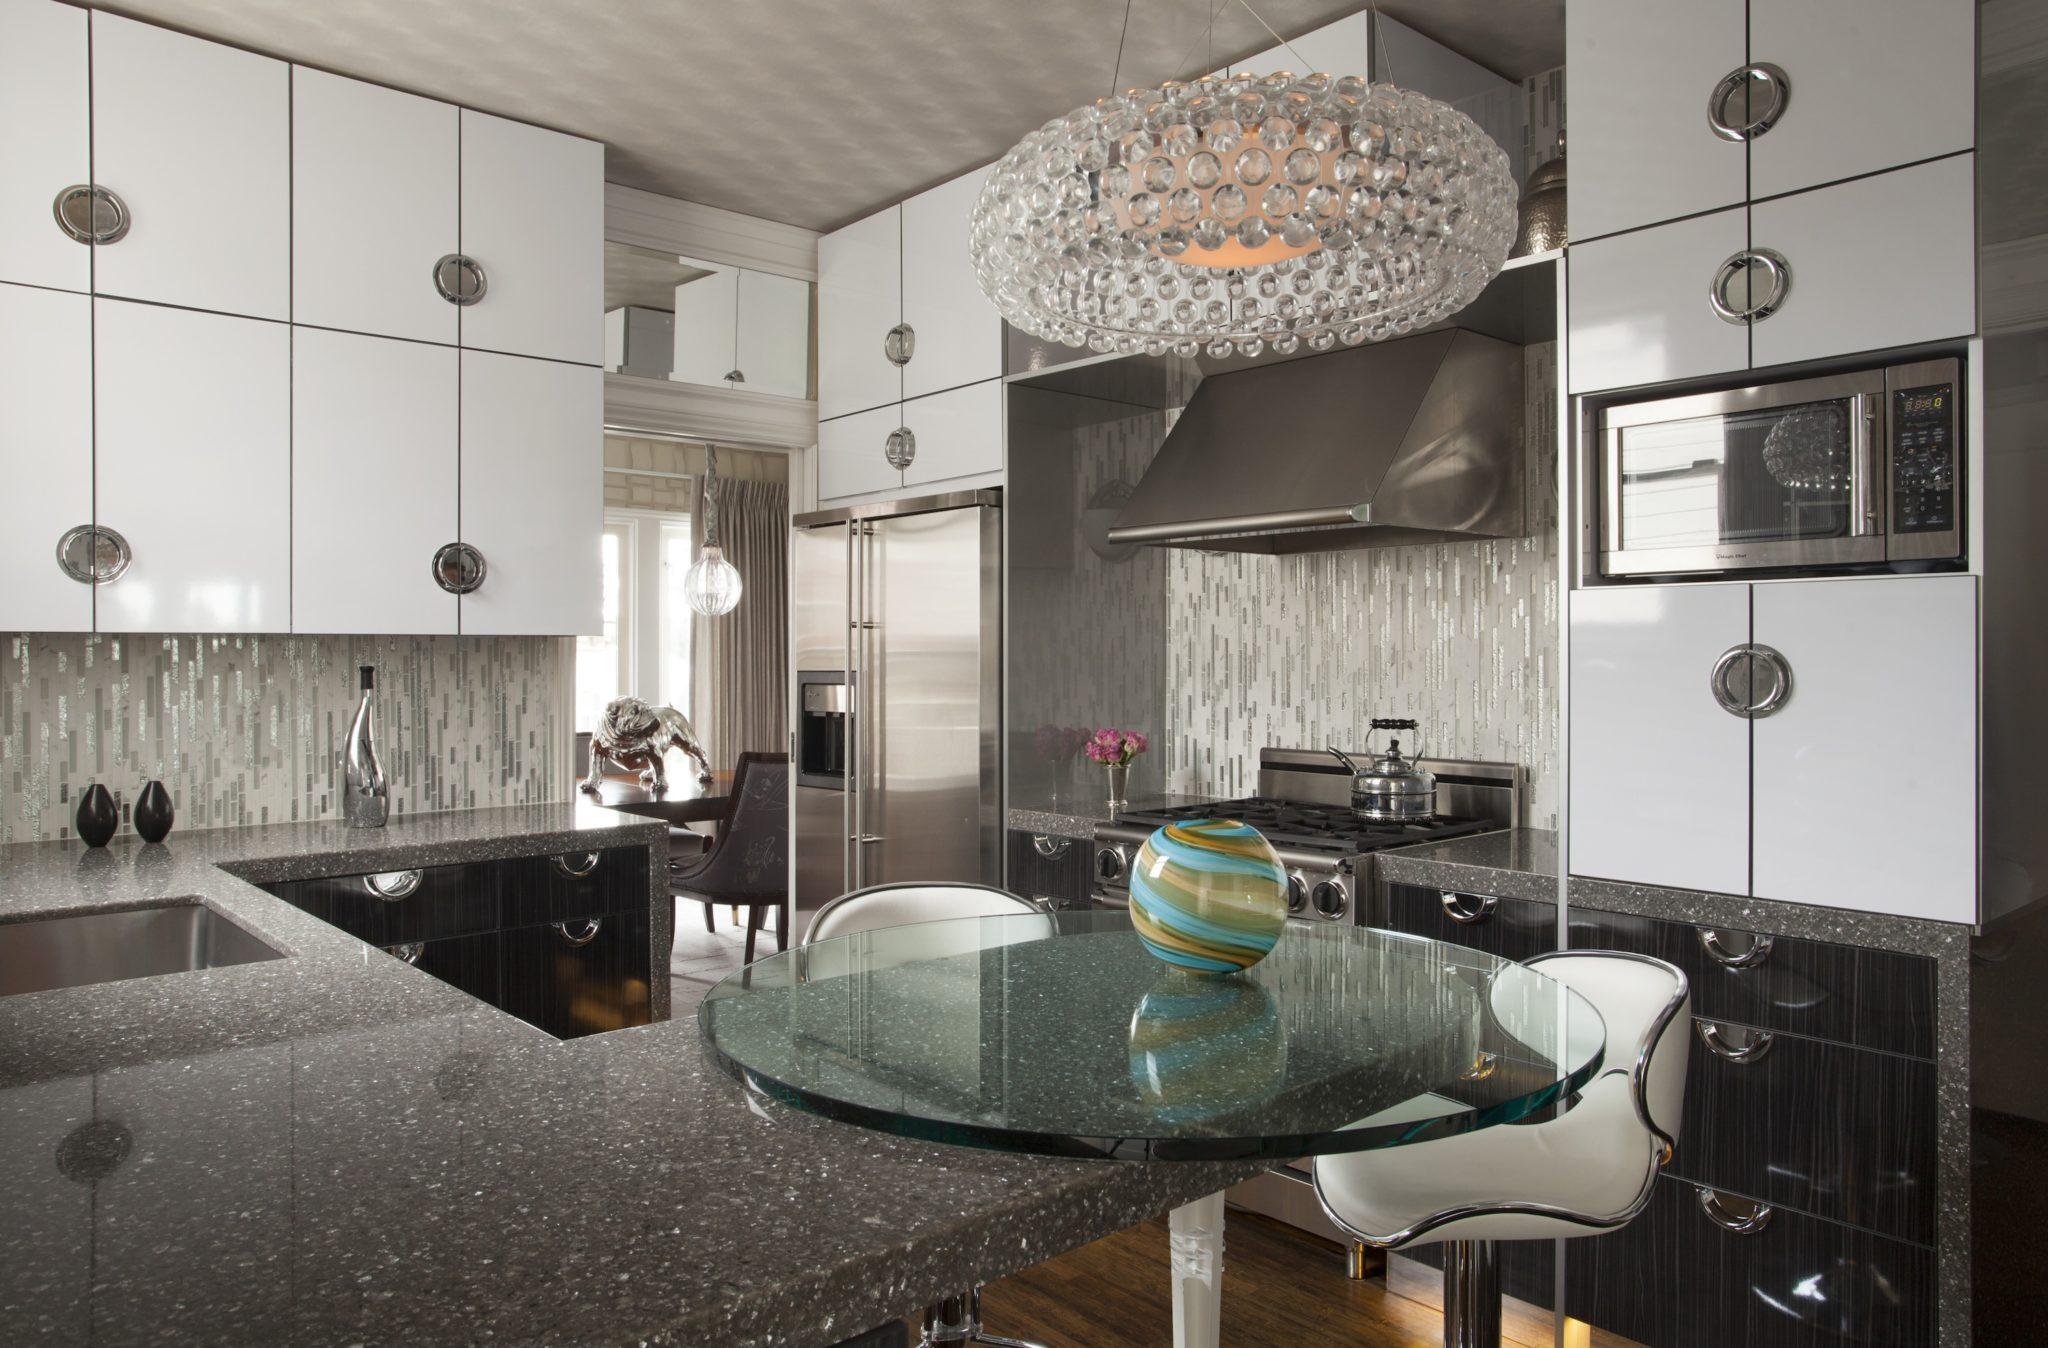 Interior design by Favreau Design